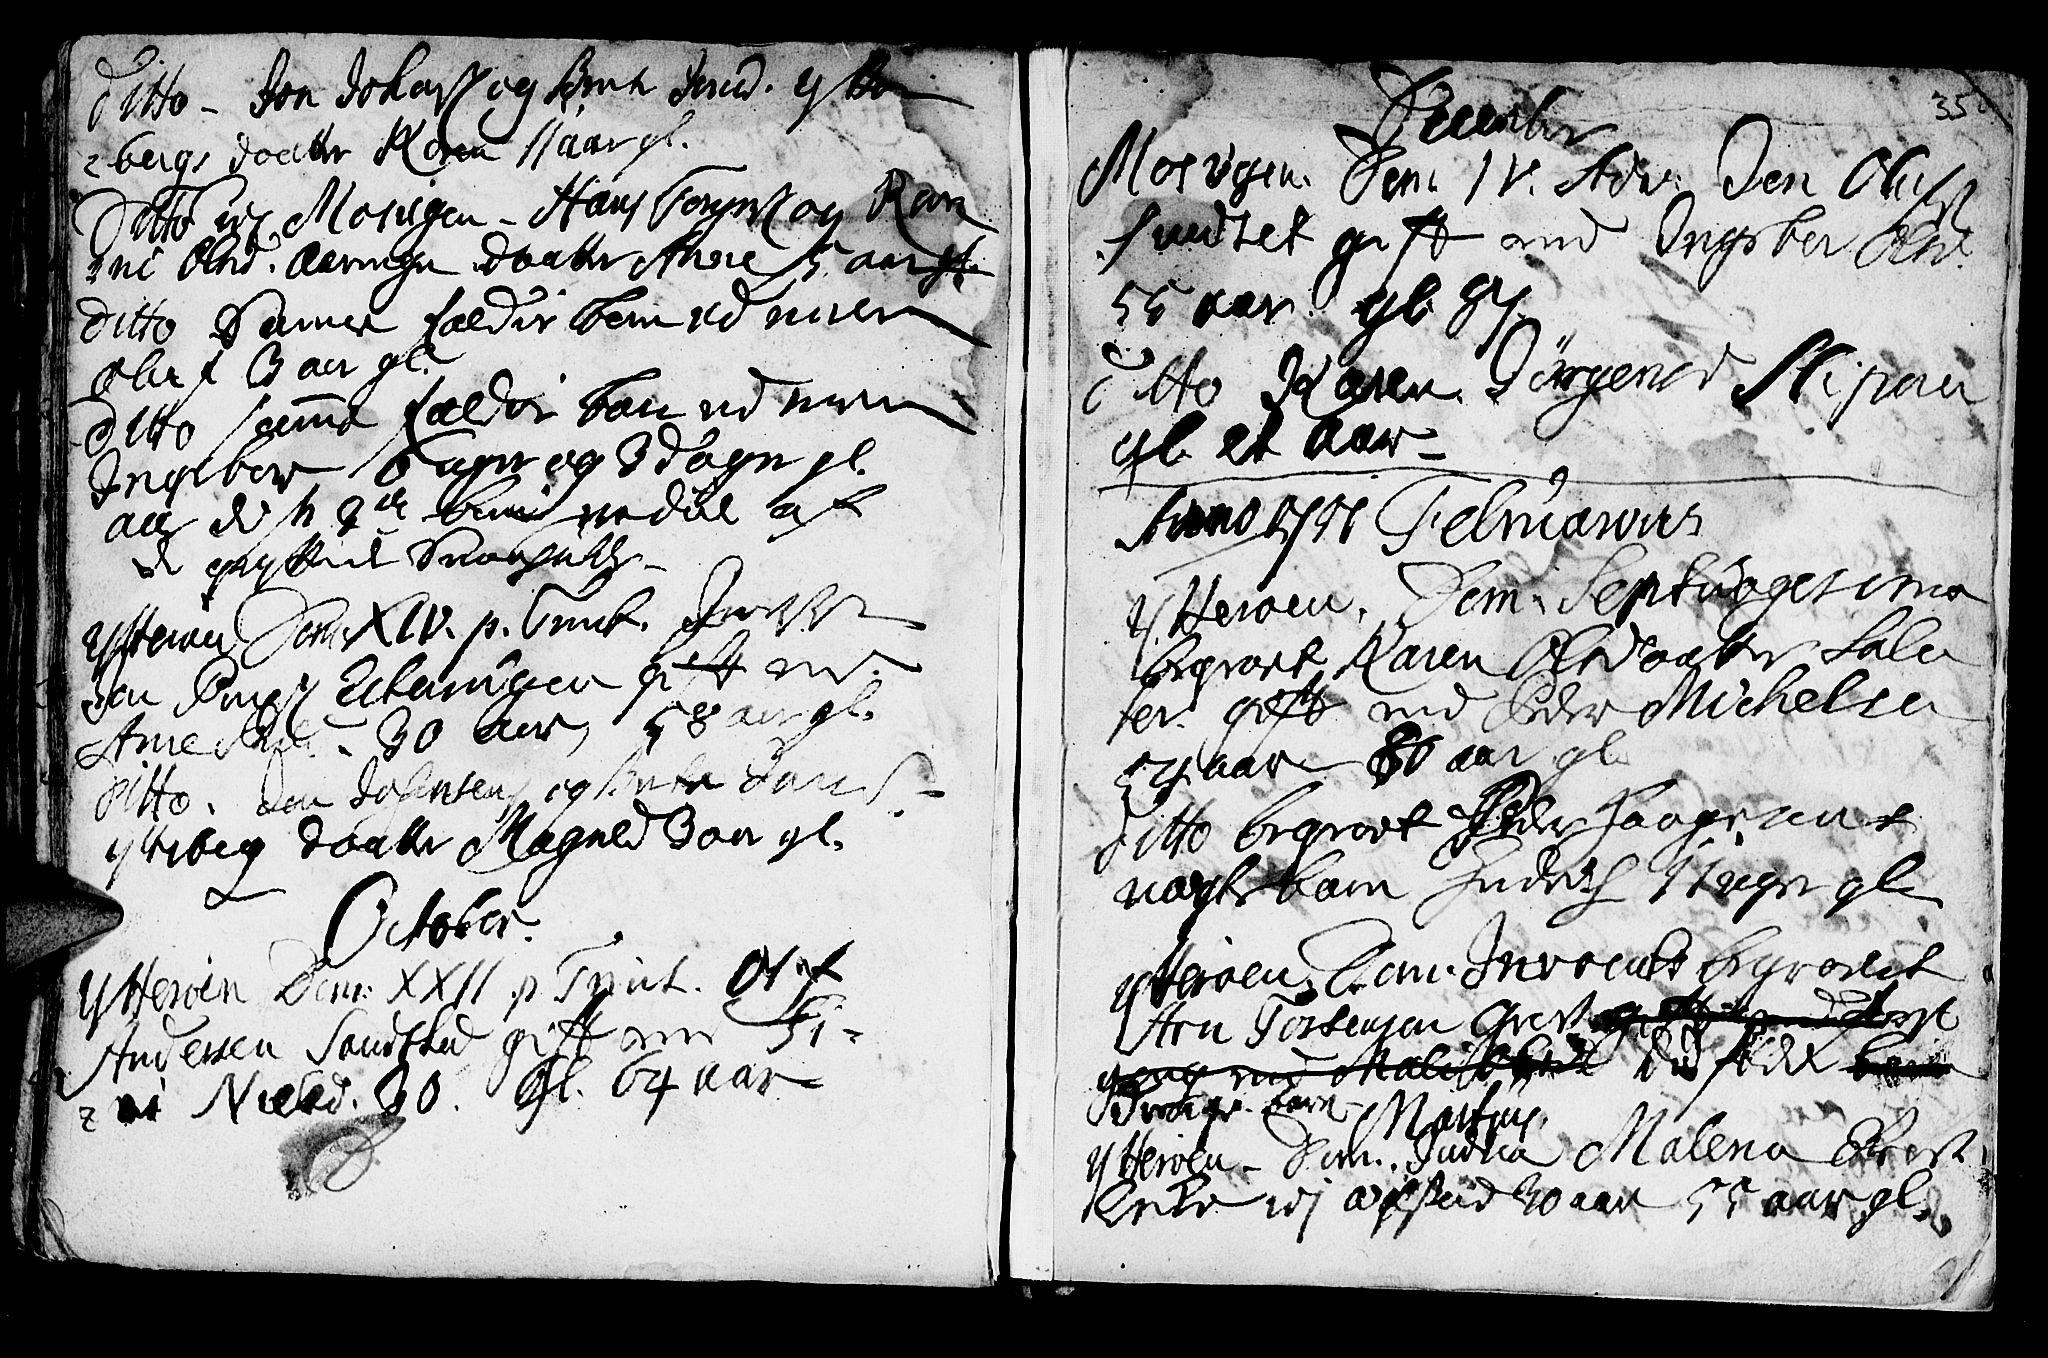 SAT, Ministerialprotokoller, klokkerbøker og fødselsregistre - Nord-Trøndelag, 722/L0215: Ministerialbok nr. 722A02, 1718-1755, s. 350